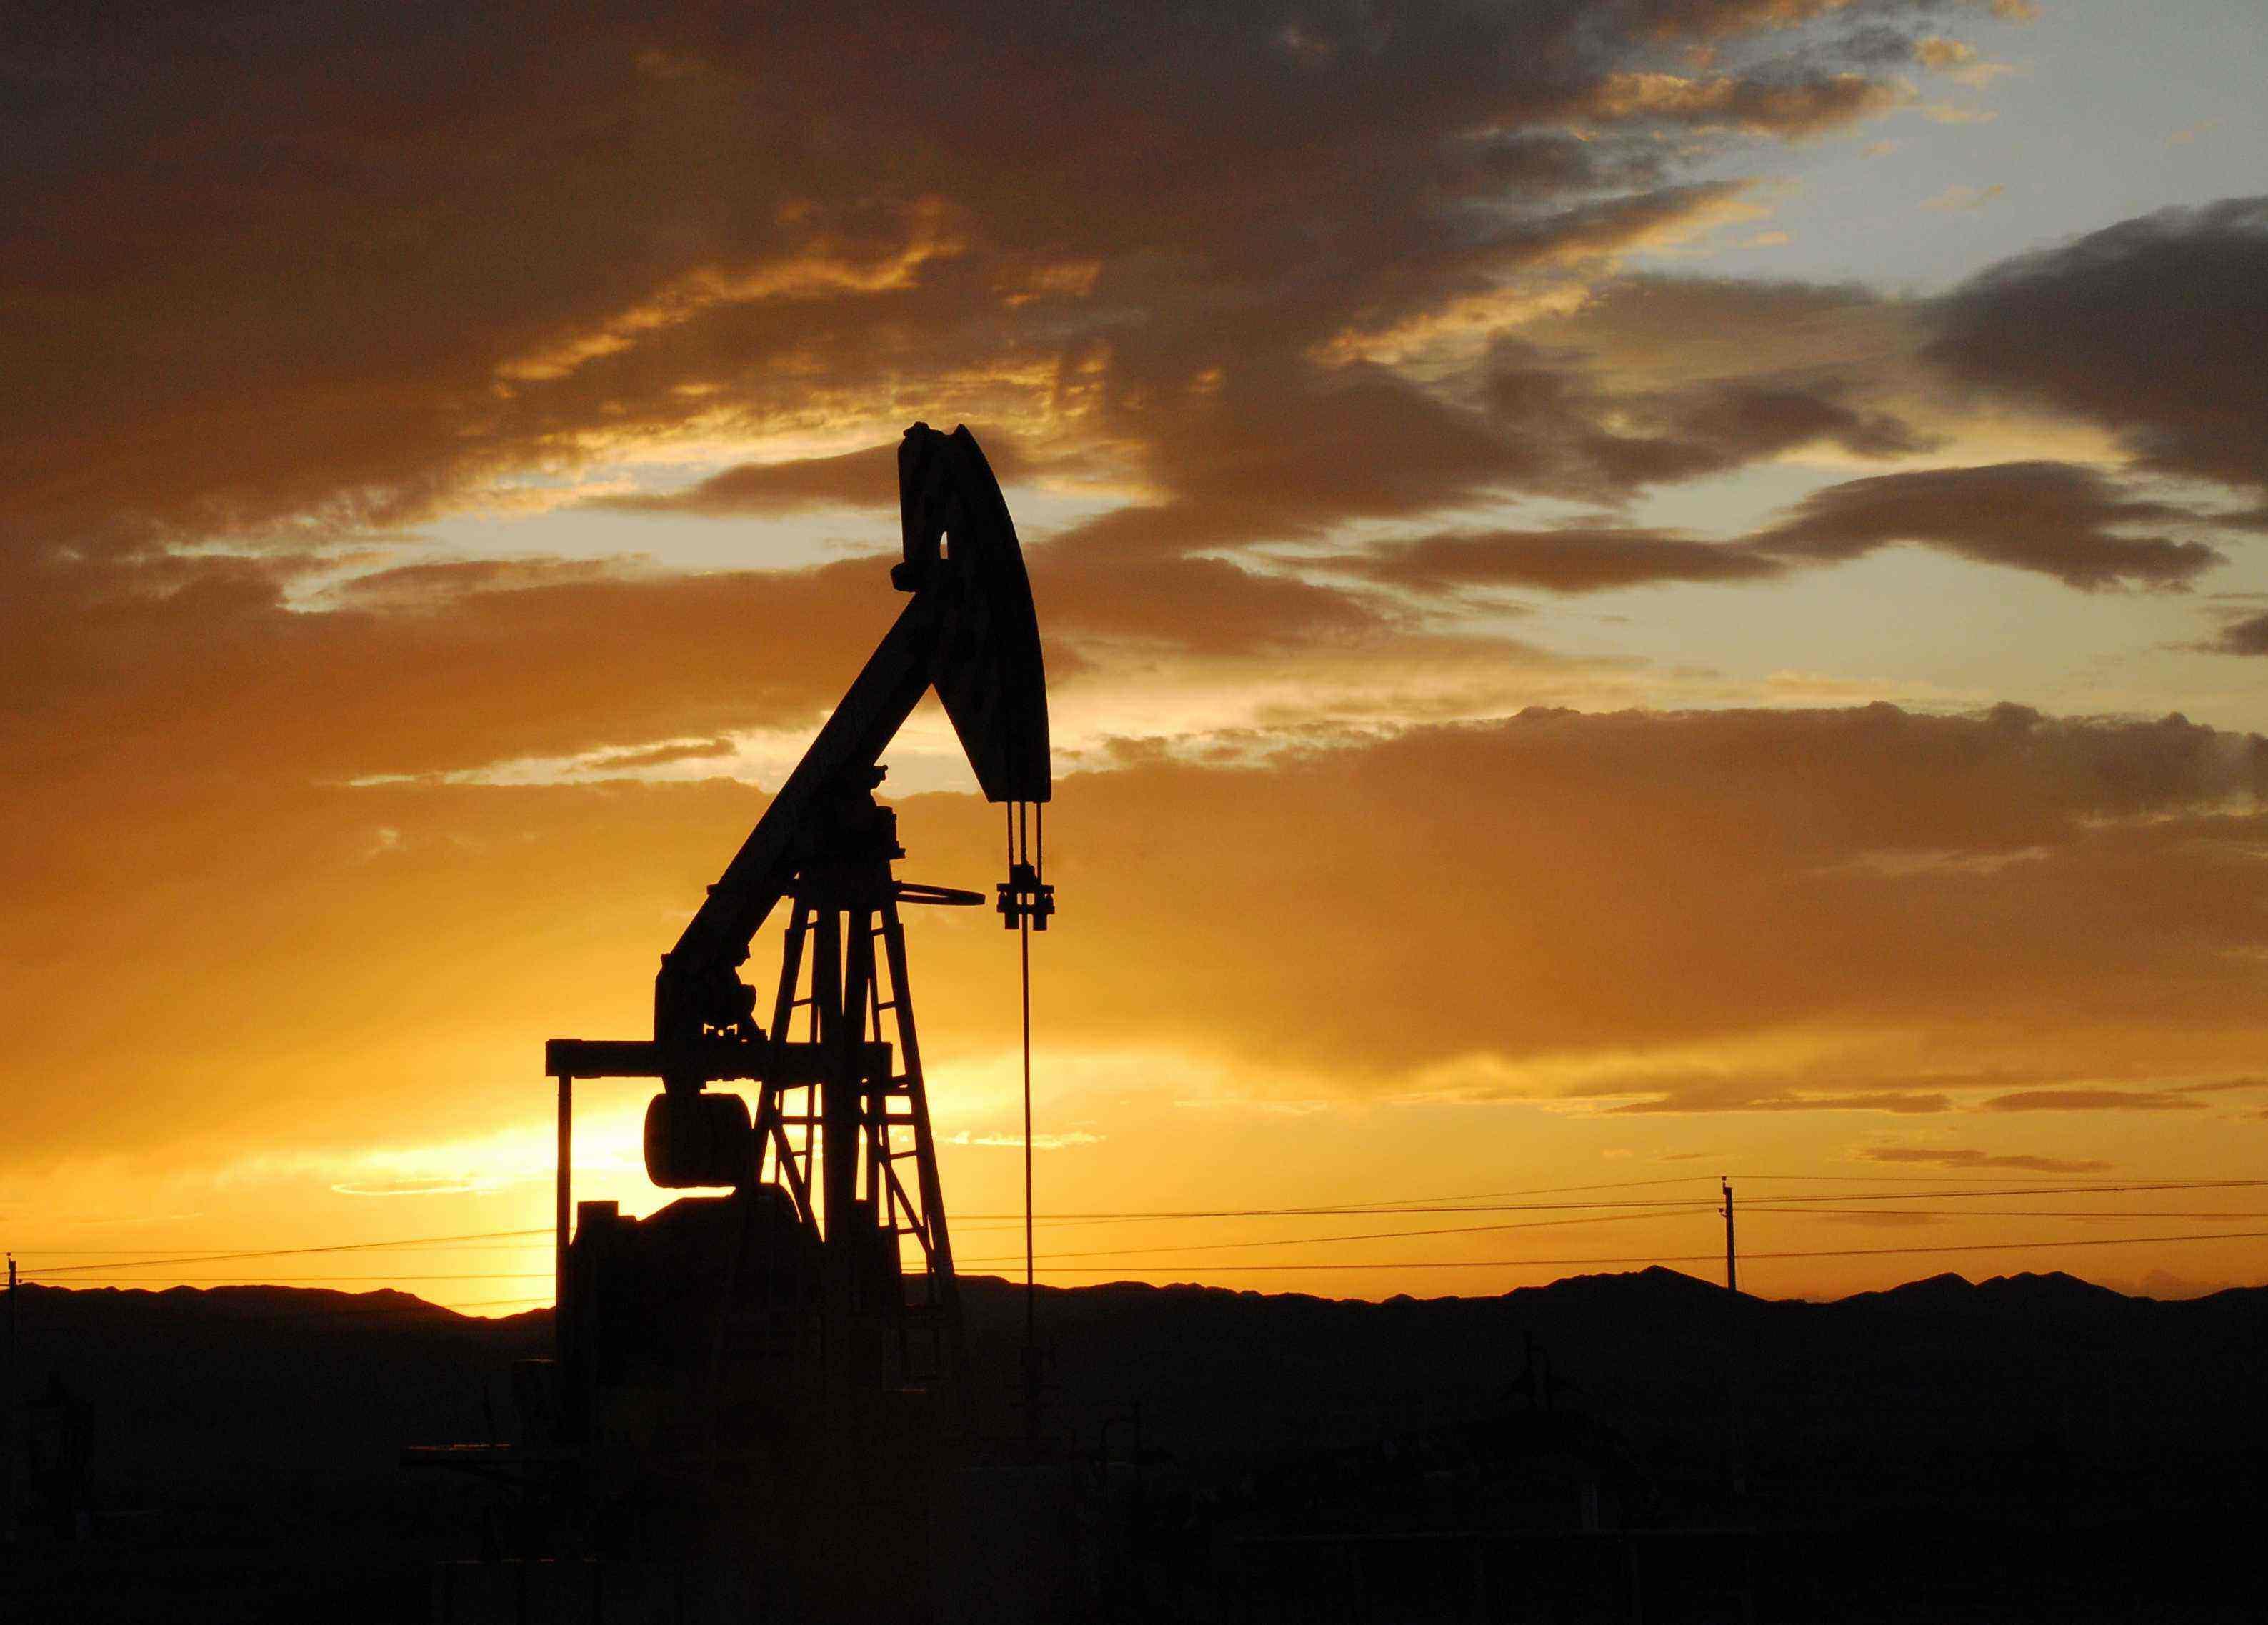 沙特阿拉伯在亚洲提供更多的石油